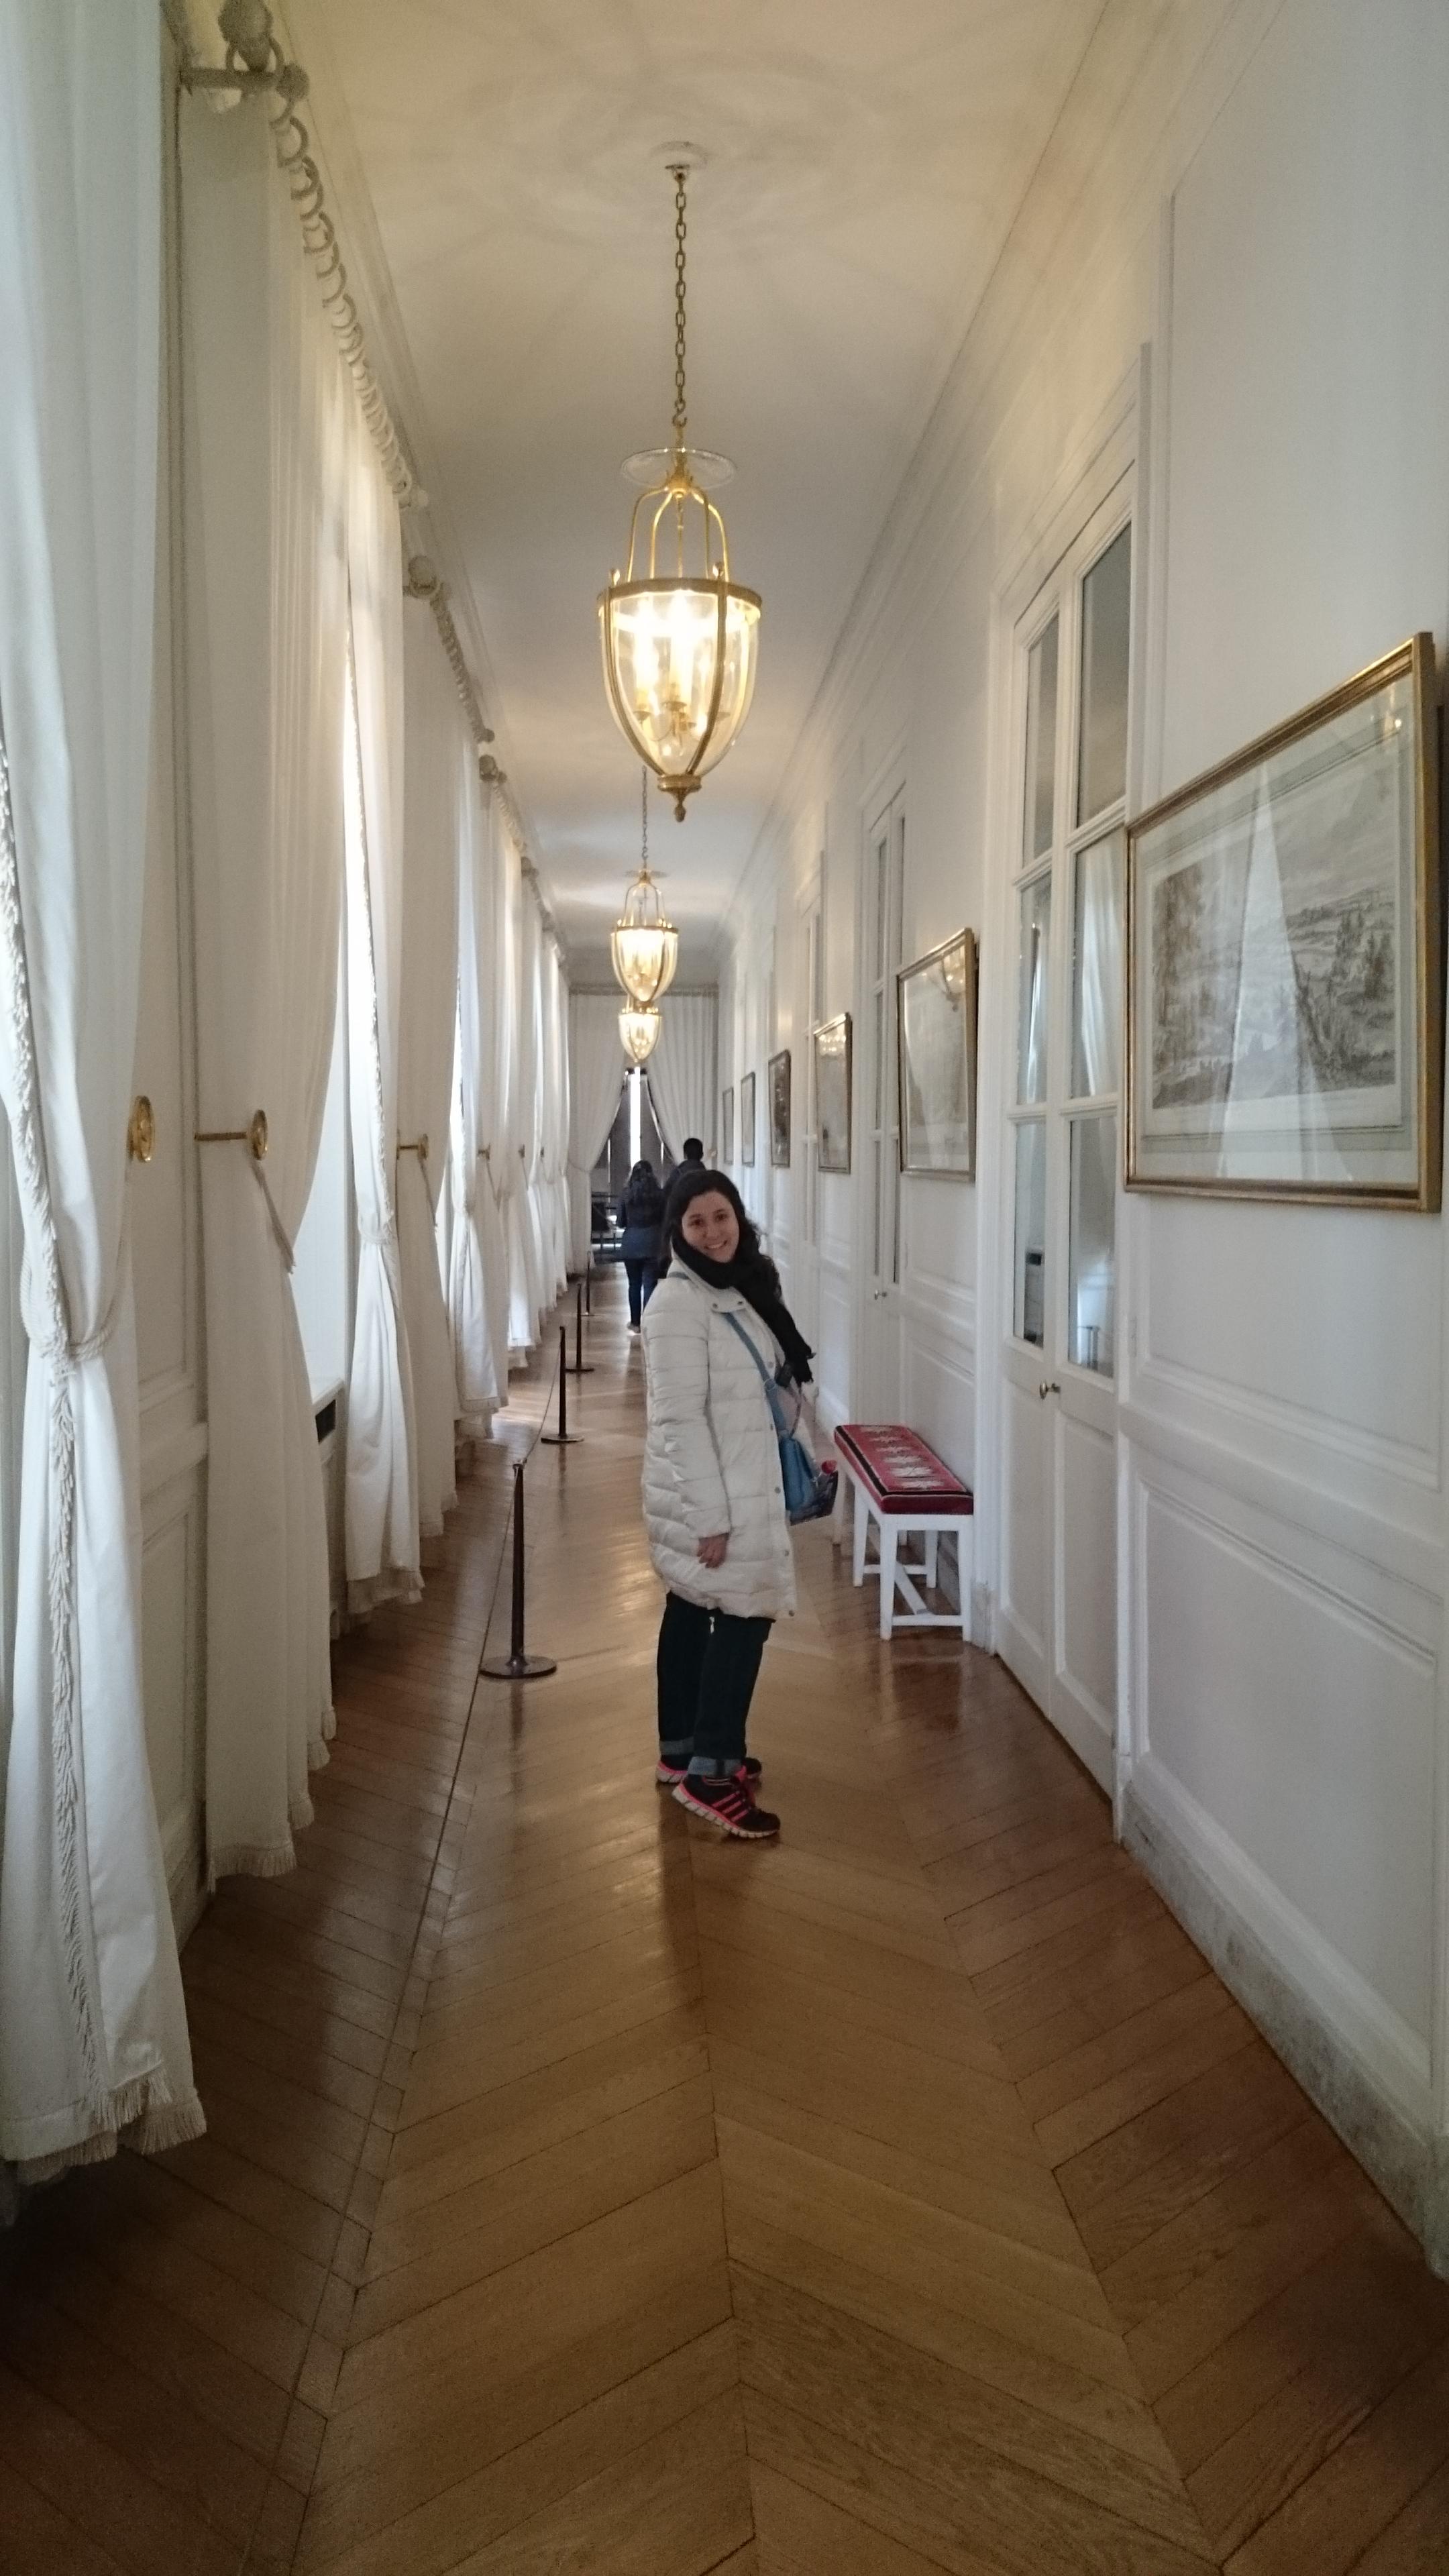 dsc 1195 - Visita al Palacio de Versalles: Como ir, cuanto cuesta y tips II/III